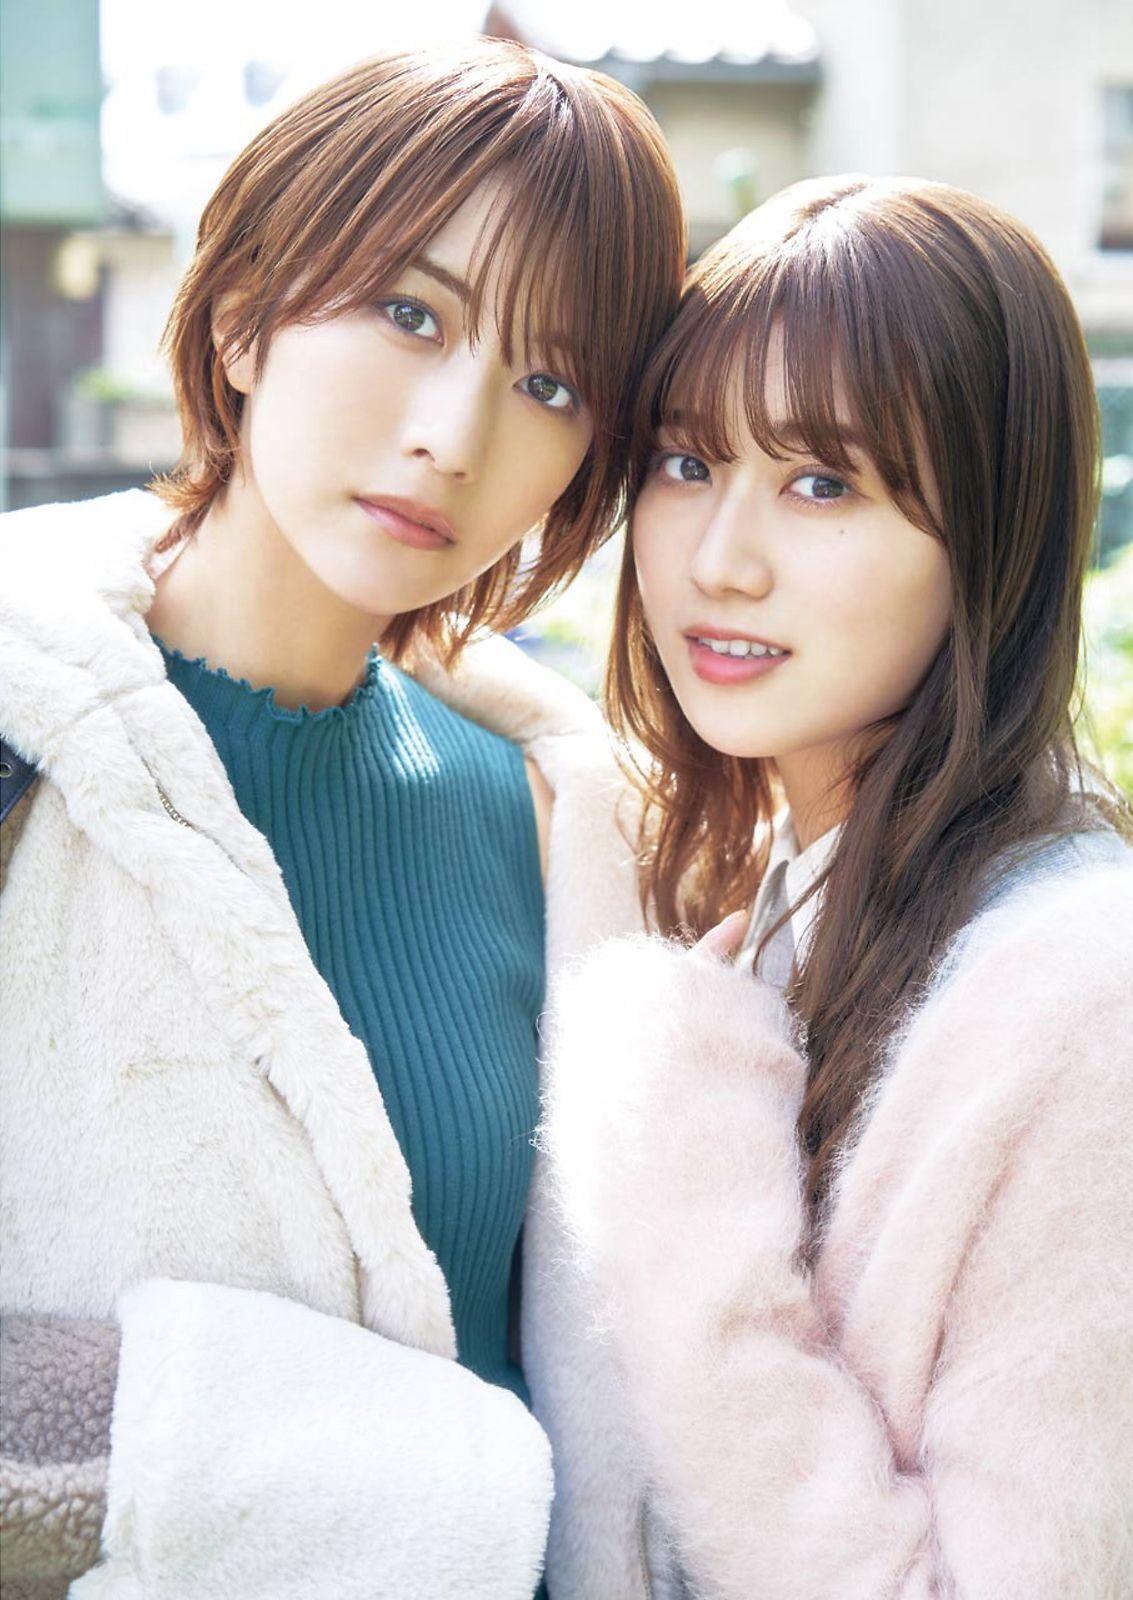 樱坂46 Young Gngan 04_1